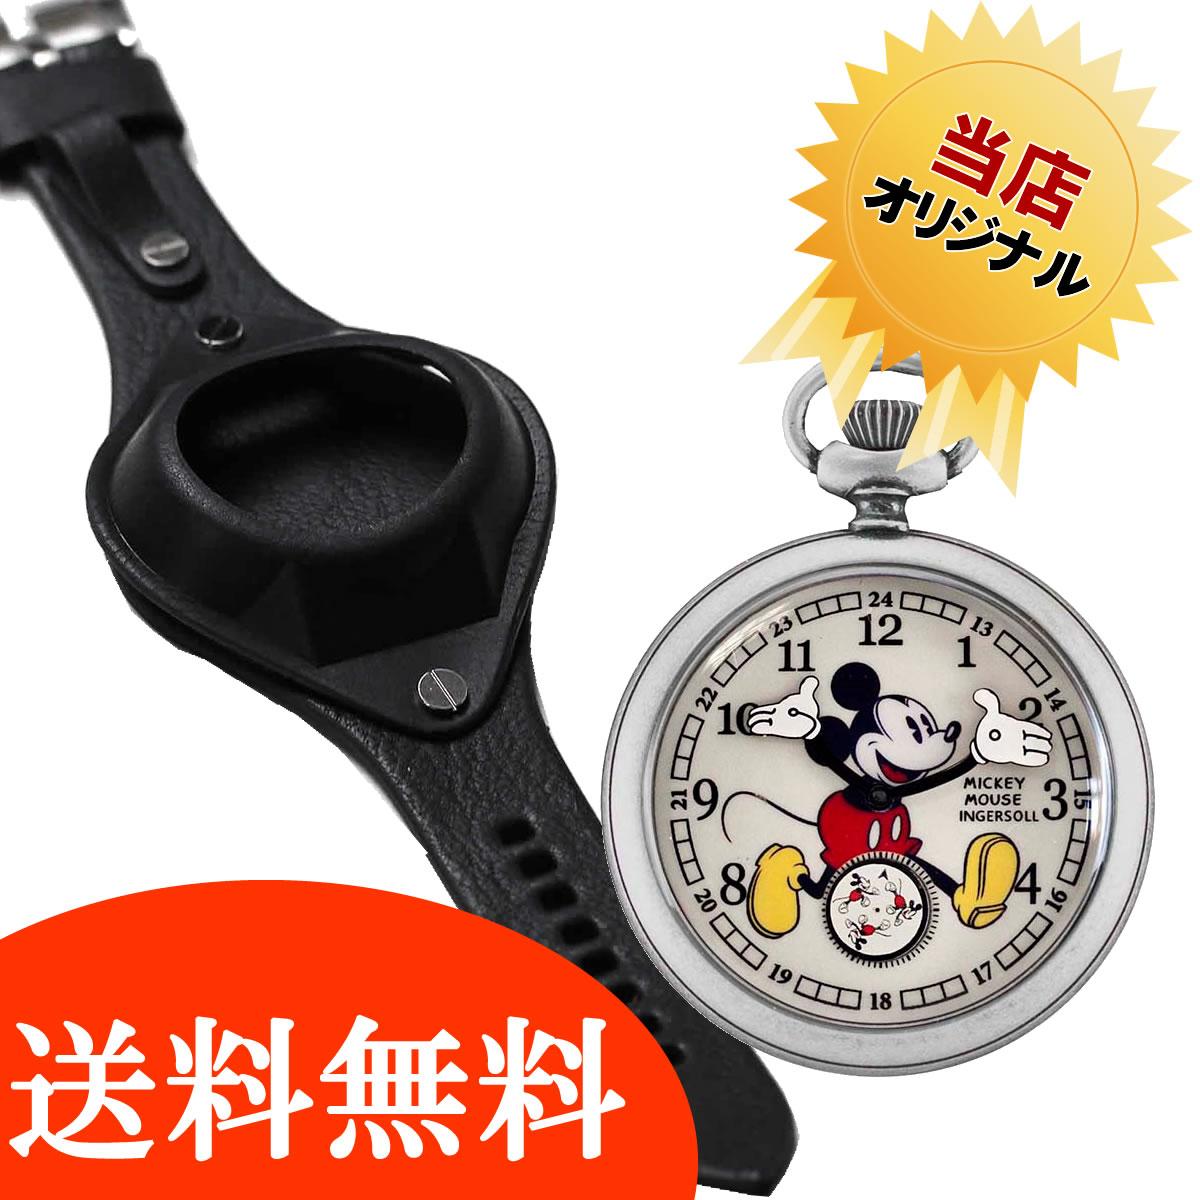 インガソールディズニーミッキーマウス懐中時計と懐中時計用腕時計レザーベルトブラックのセット/懐中時計